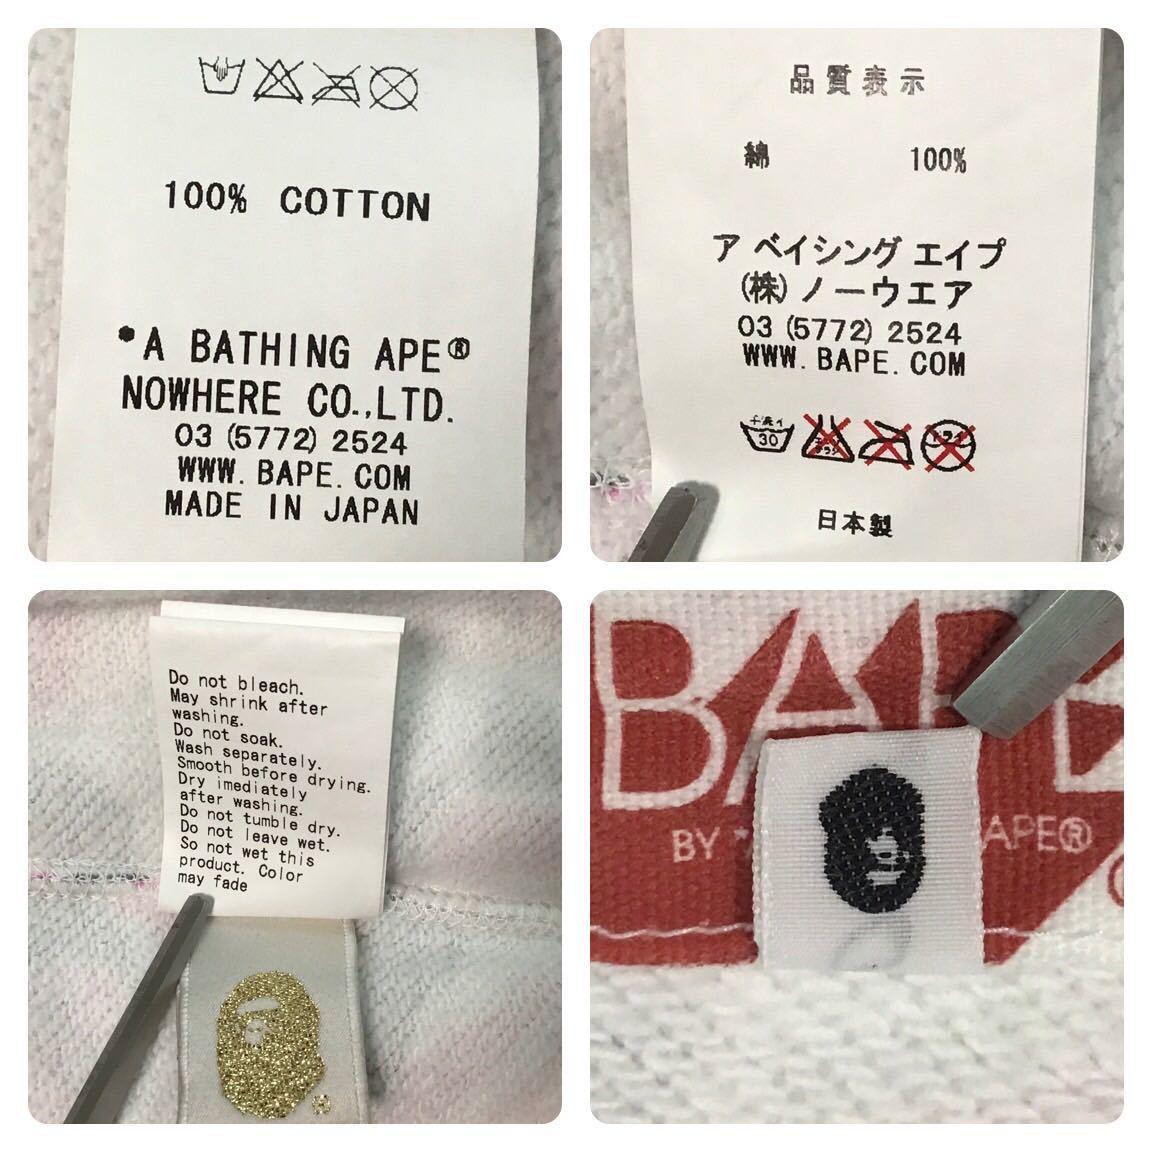 ★金沢限定★ kanazawa city camo パーカー Mサイズ a bathing ape BAPE full zip hoodie エイプ ベイプ アベイシングエイプ 迷彩 都市限定